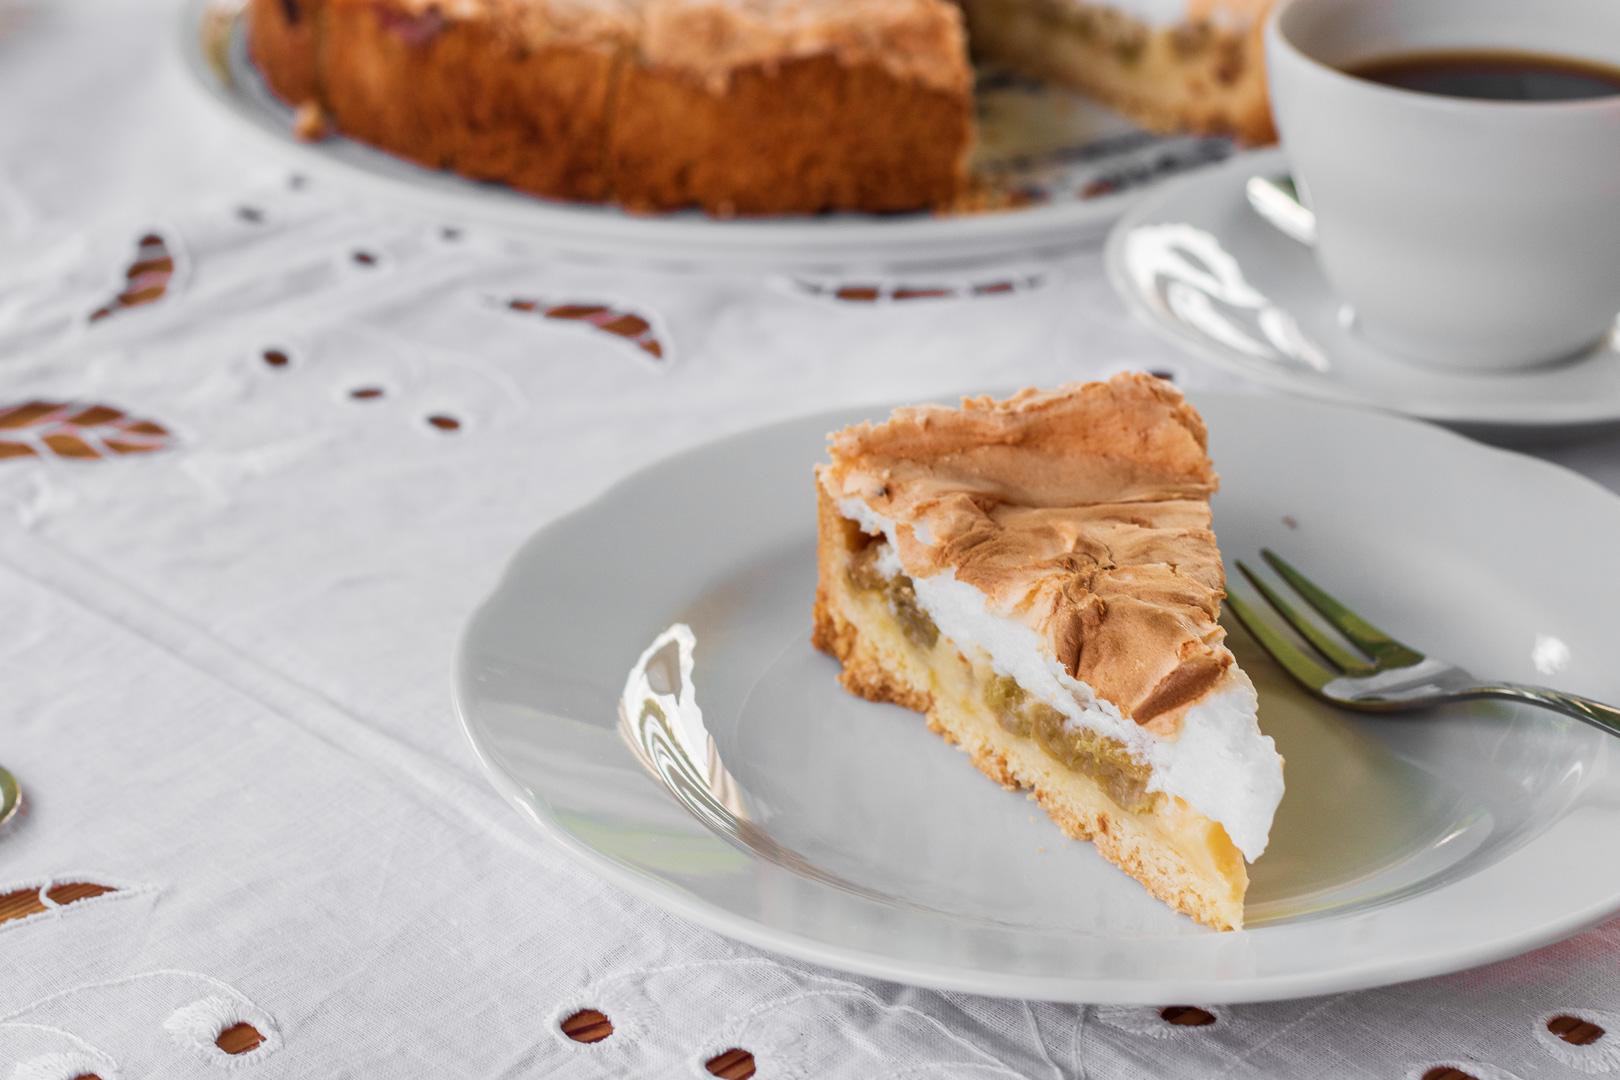 Stachelbeer-Baiser-Torte nach einem alten Familienrezept